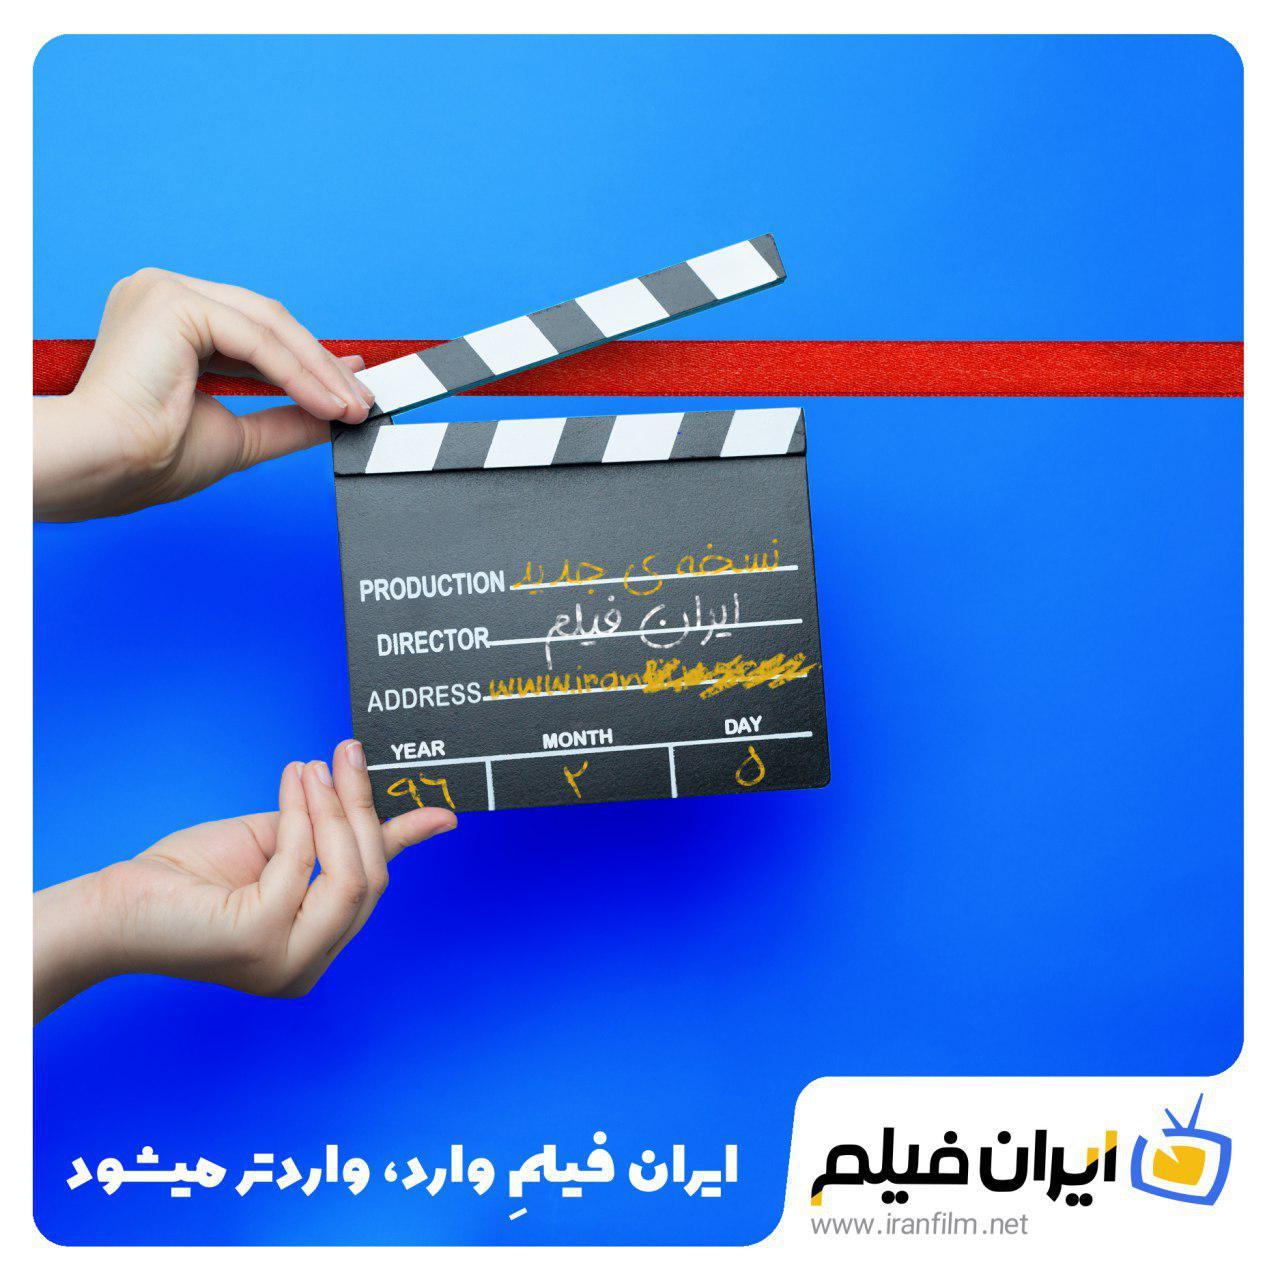 چرا ایران فیلم بهترین سایت دانلود فیلم و سریال است؟